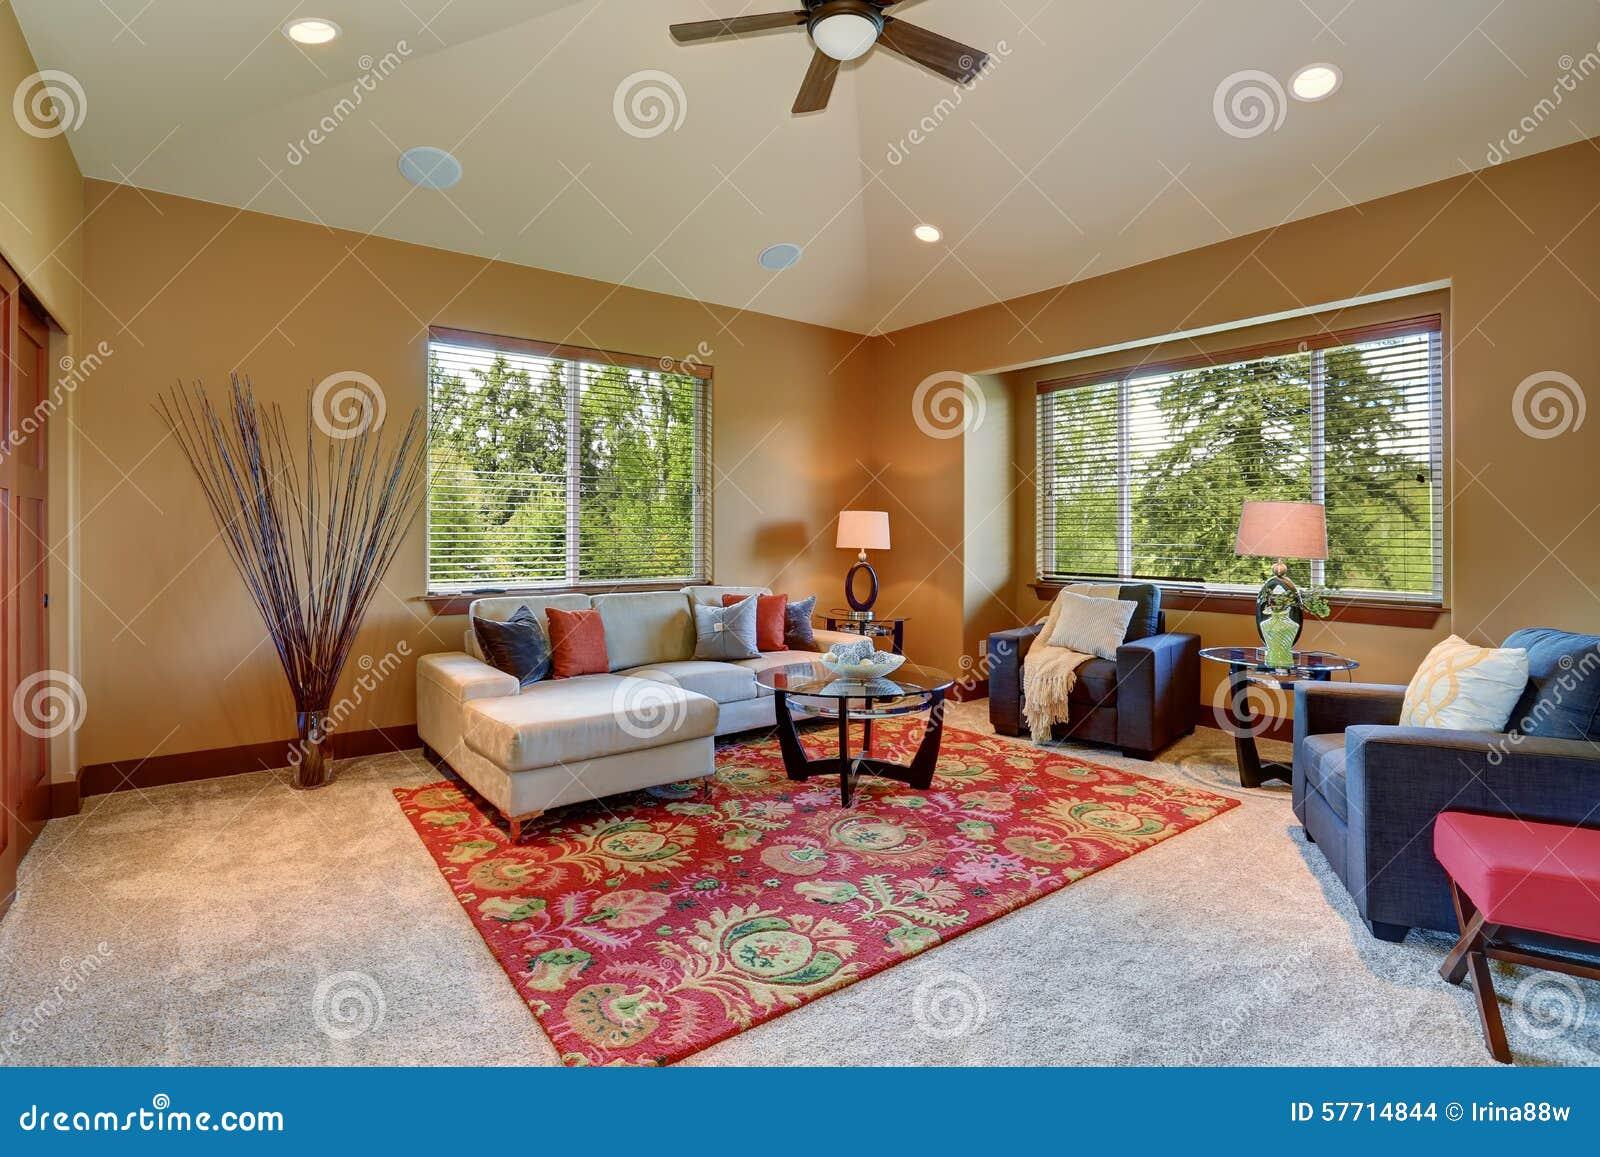 Buntes Wohnzimmer Mit Rotem Und Blauem Dekor Stockfoto - Bild von ...